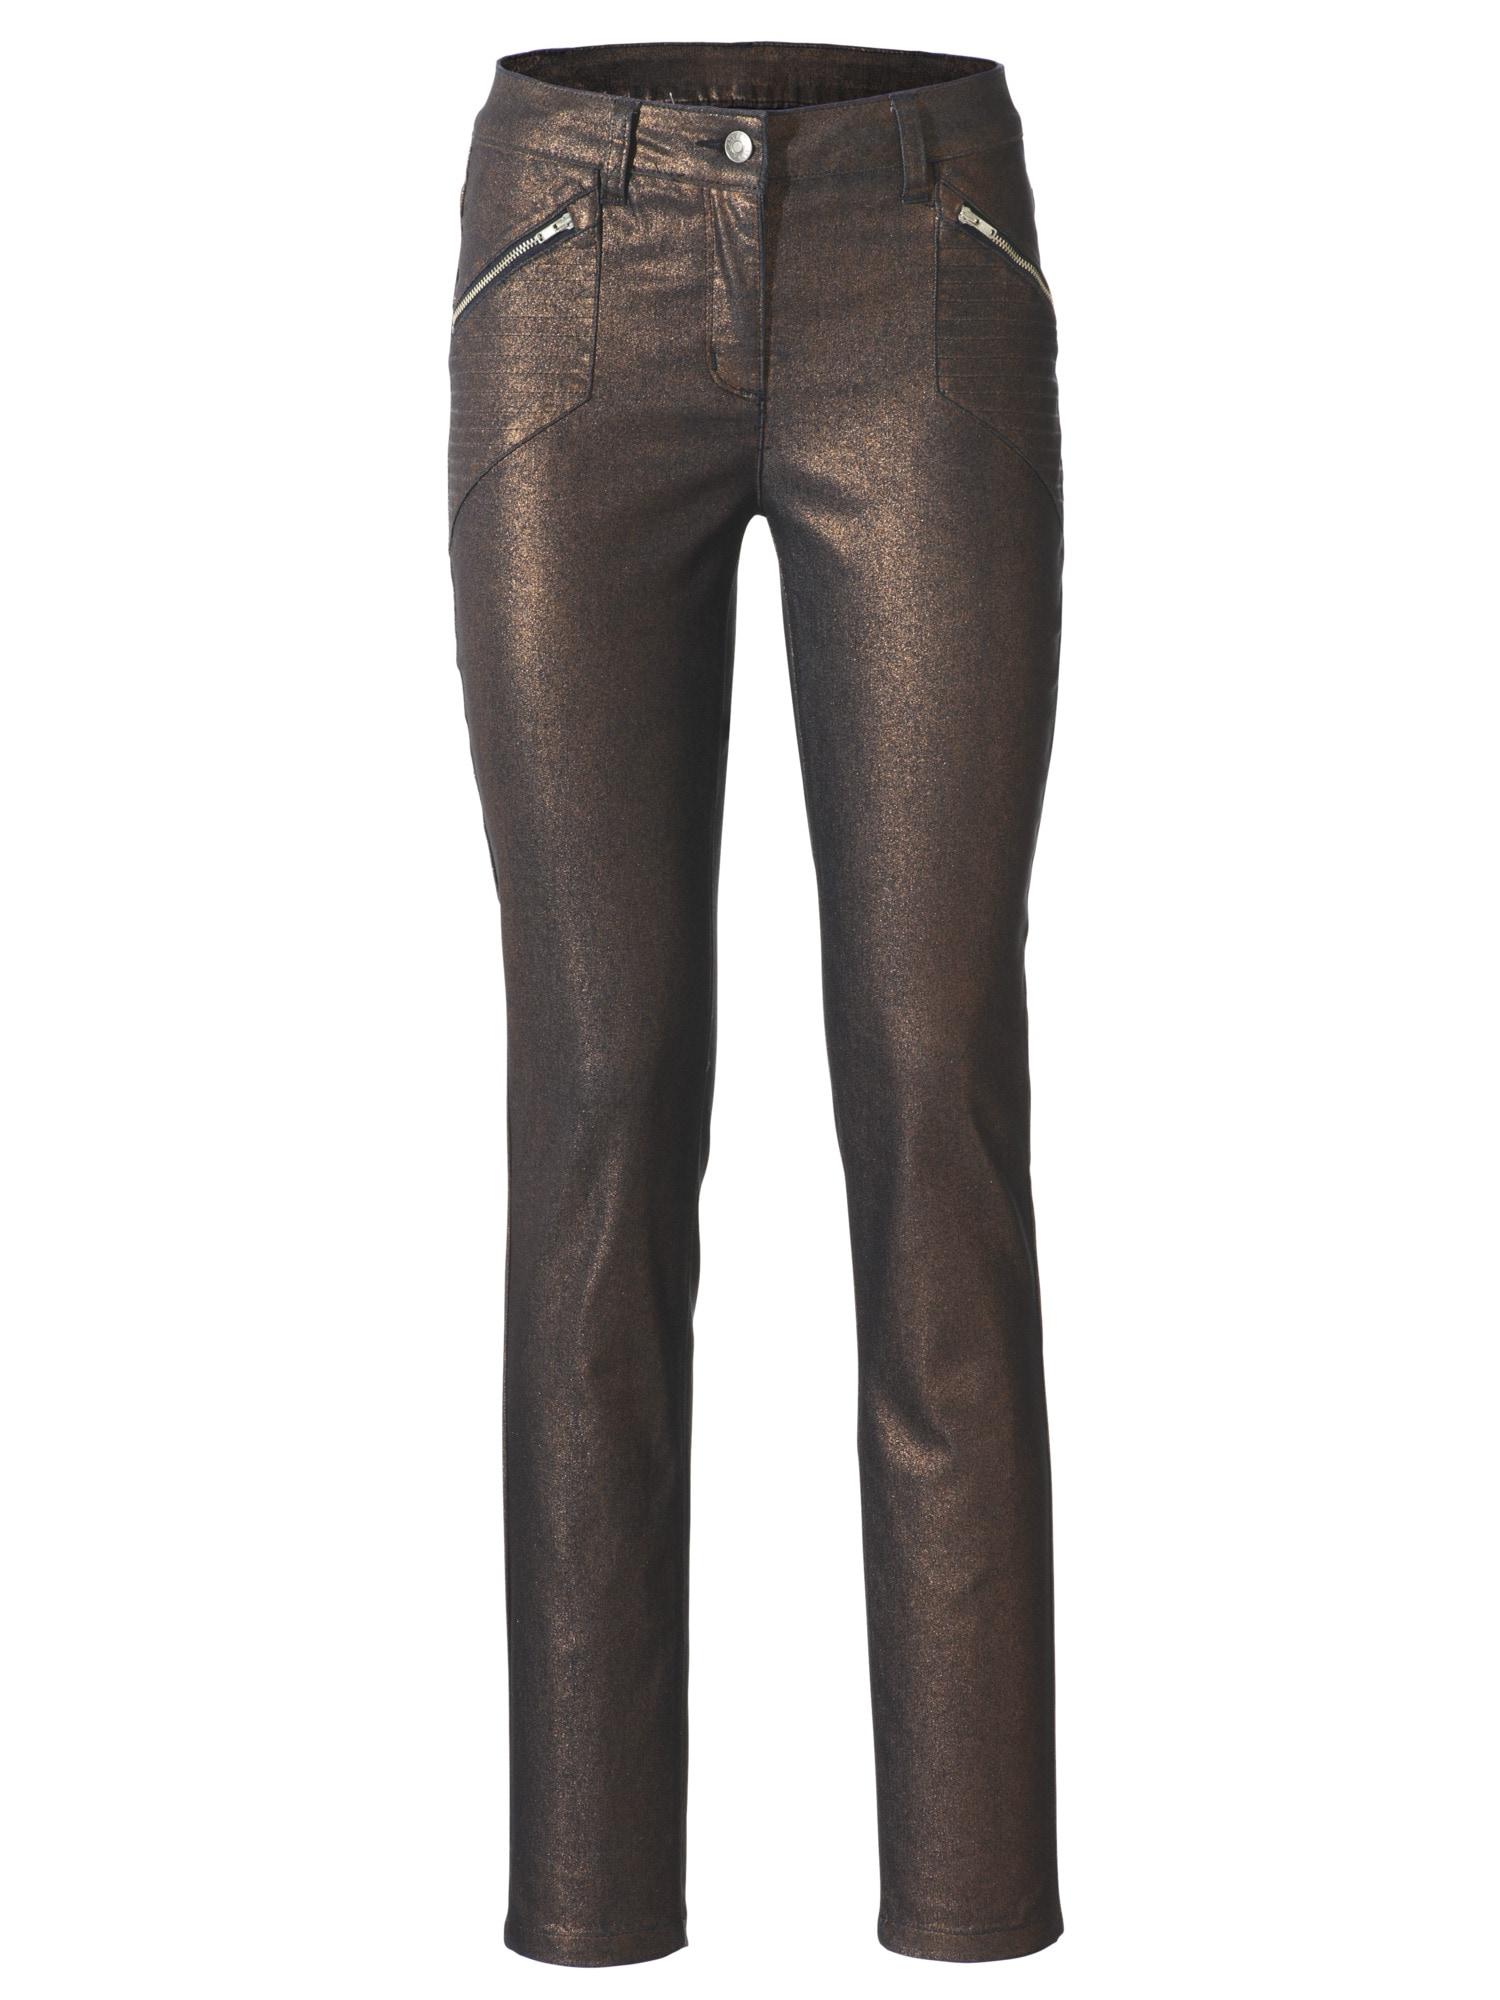 heine STYLE Push-up Jeans mit Glanzeffekt   Bekleidung > Jeans > Push-Up Jeans   Braun   heine